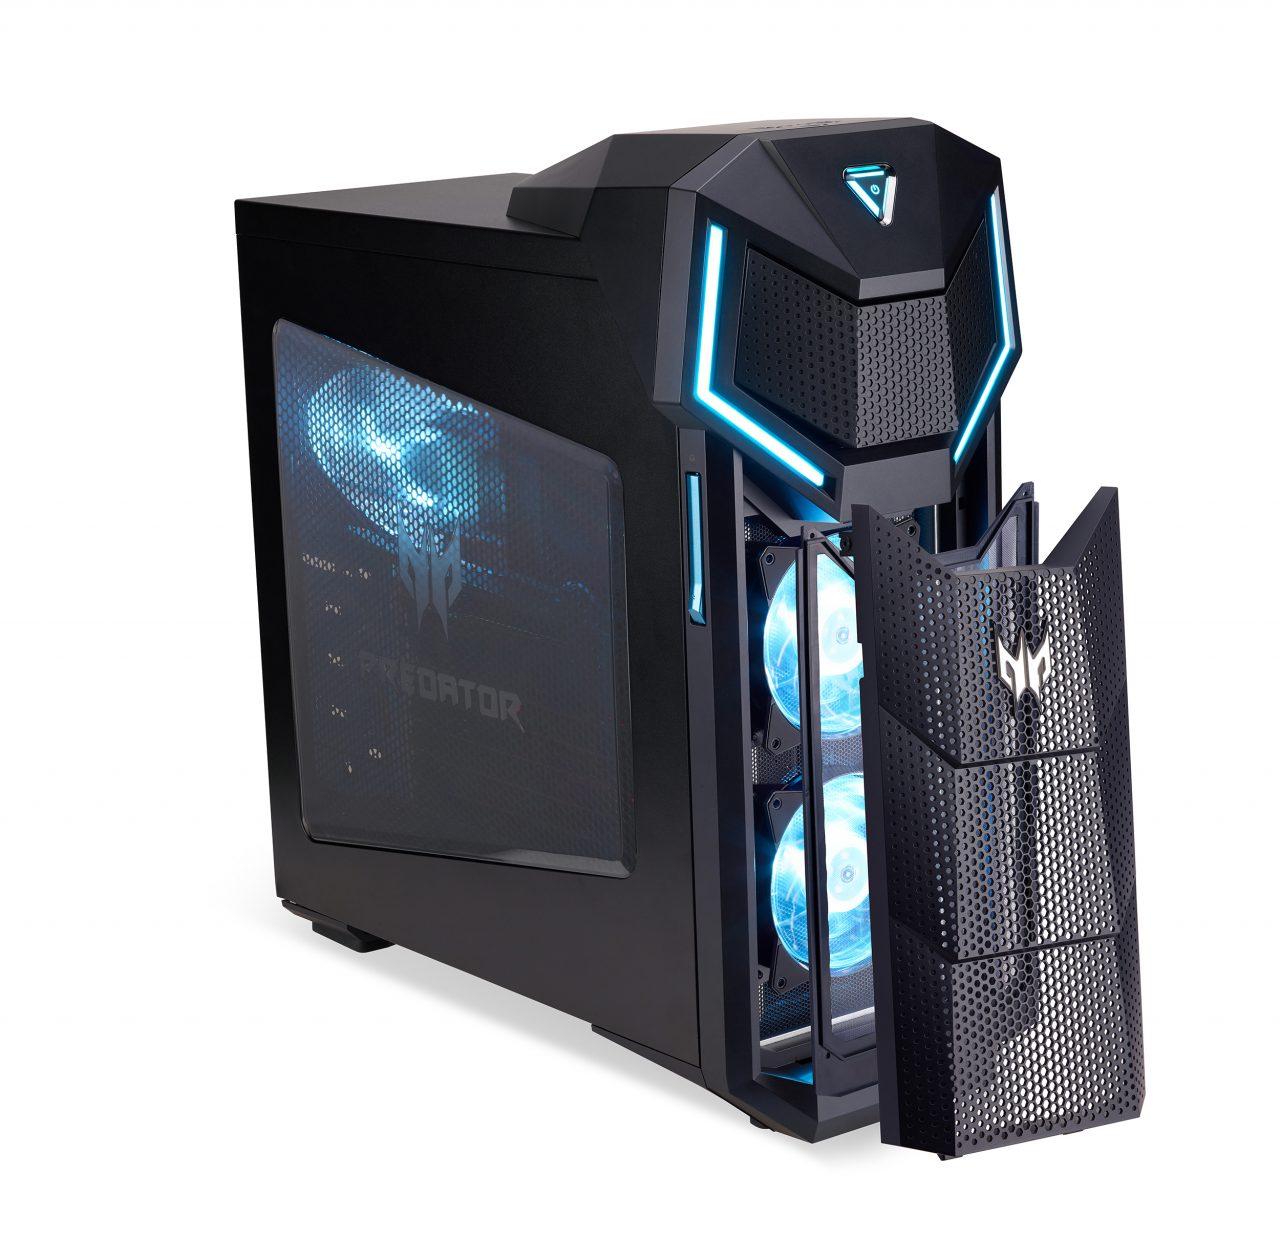 Acer svela i nuovi PC da gaming Predator Orion 5000 e 3000, insieme ad una vasta serie di accessori (foto)